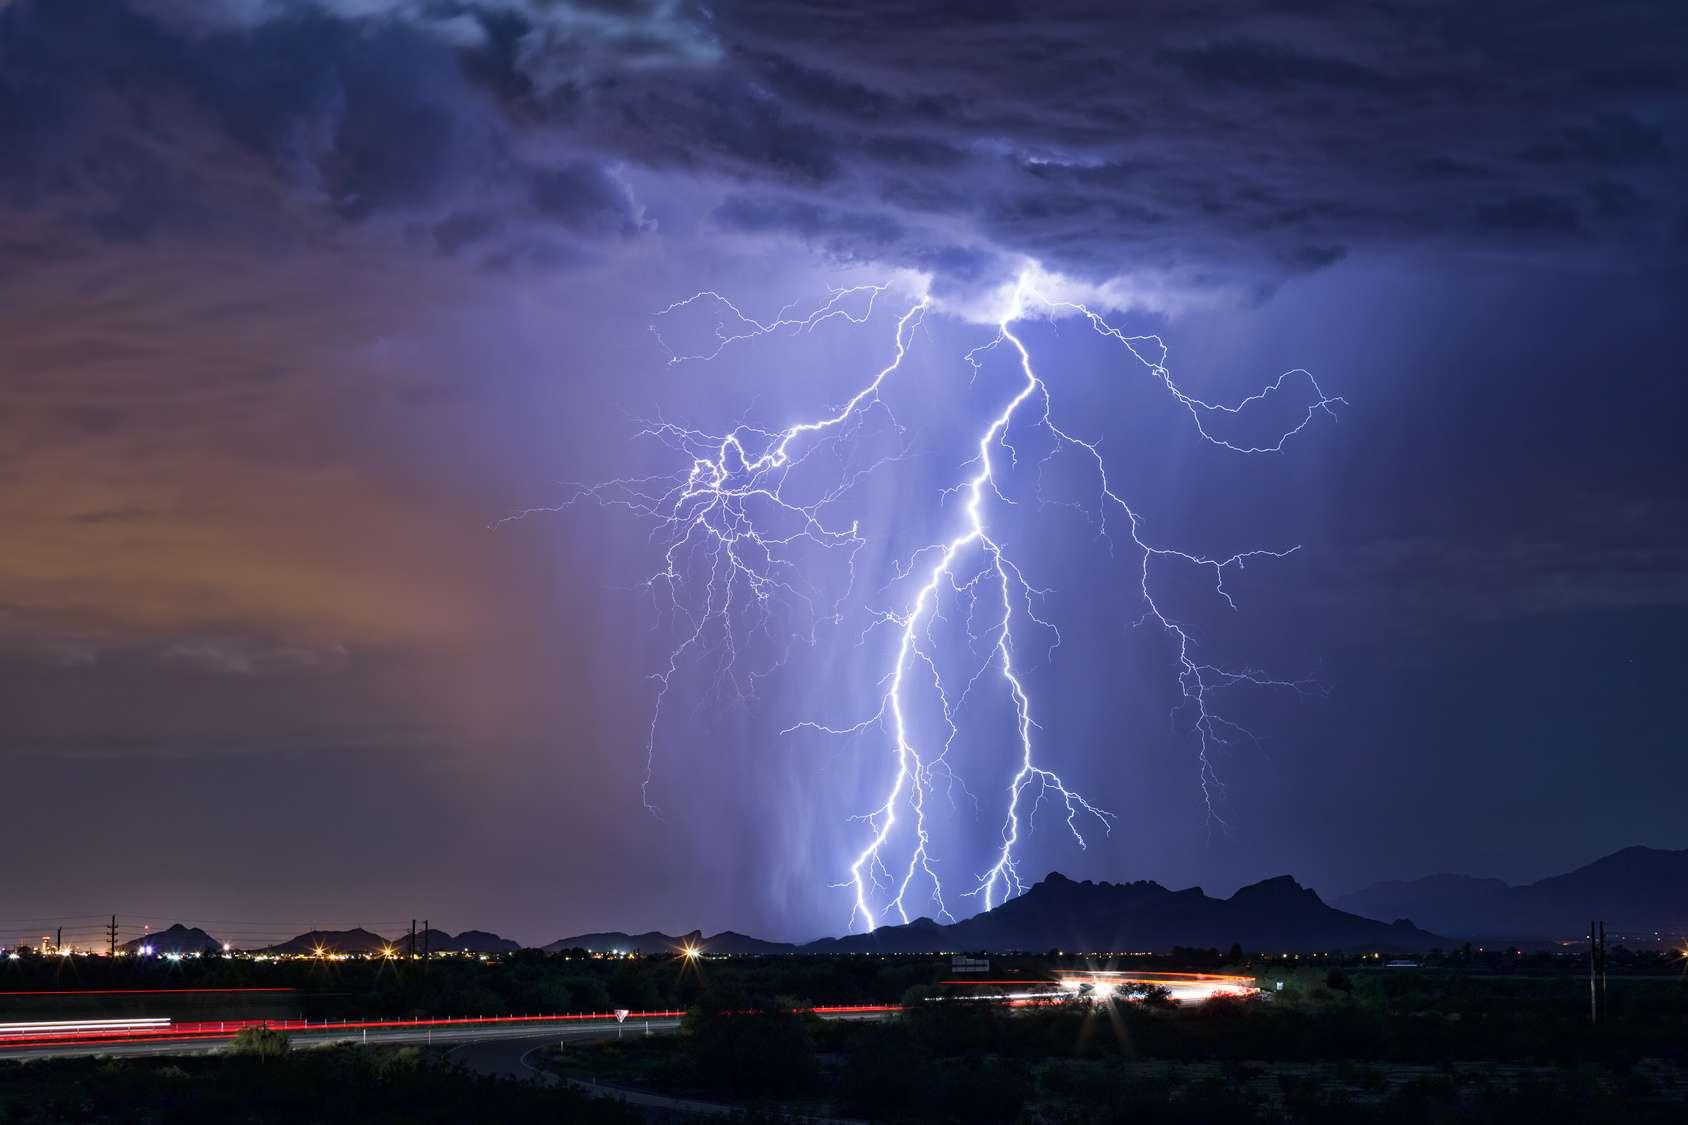 Un éclair de 500 km a éclairé les États-Unis sur 68.000 km2 en octobre 2017. @mdesigner, Fotolia